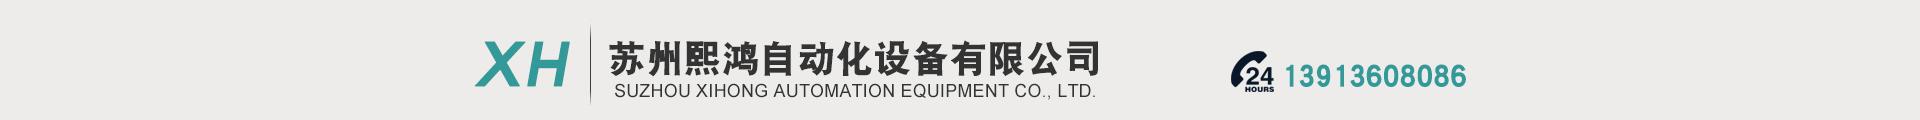 蘇州熙鴻自動化設備有限公司